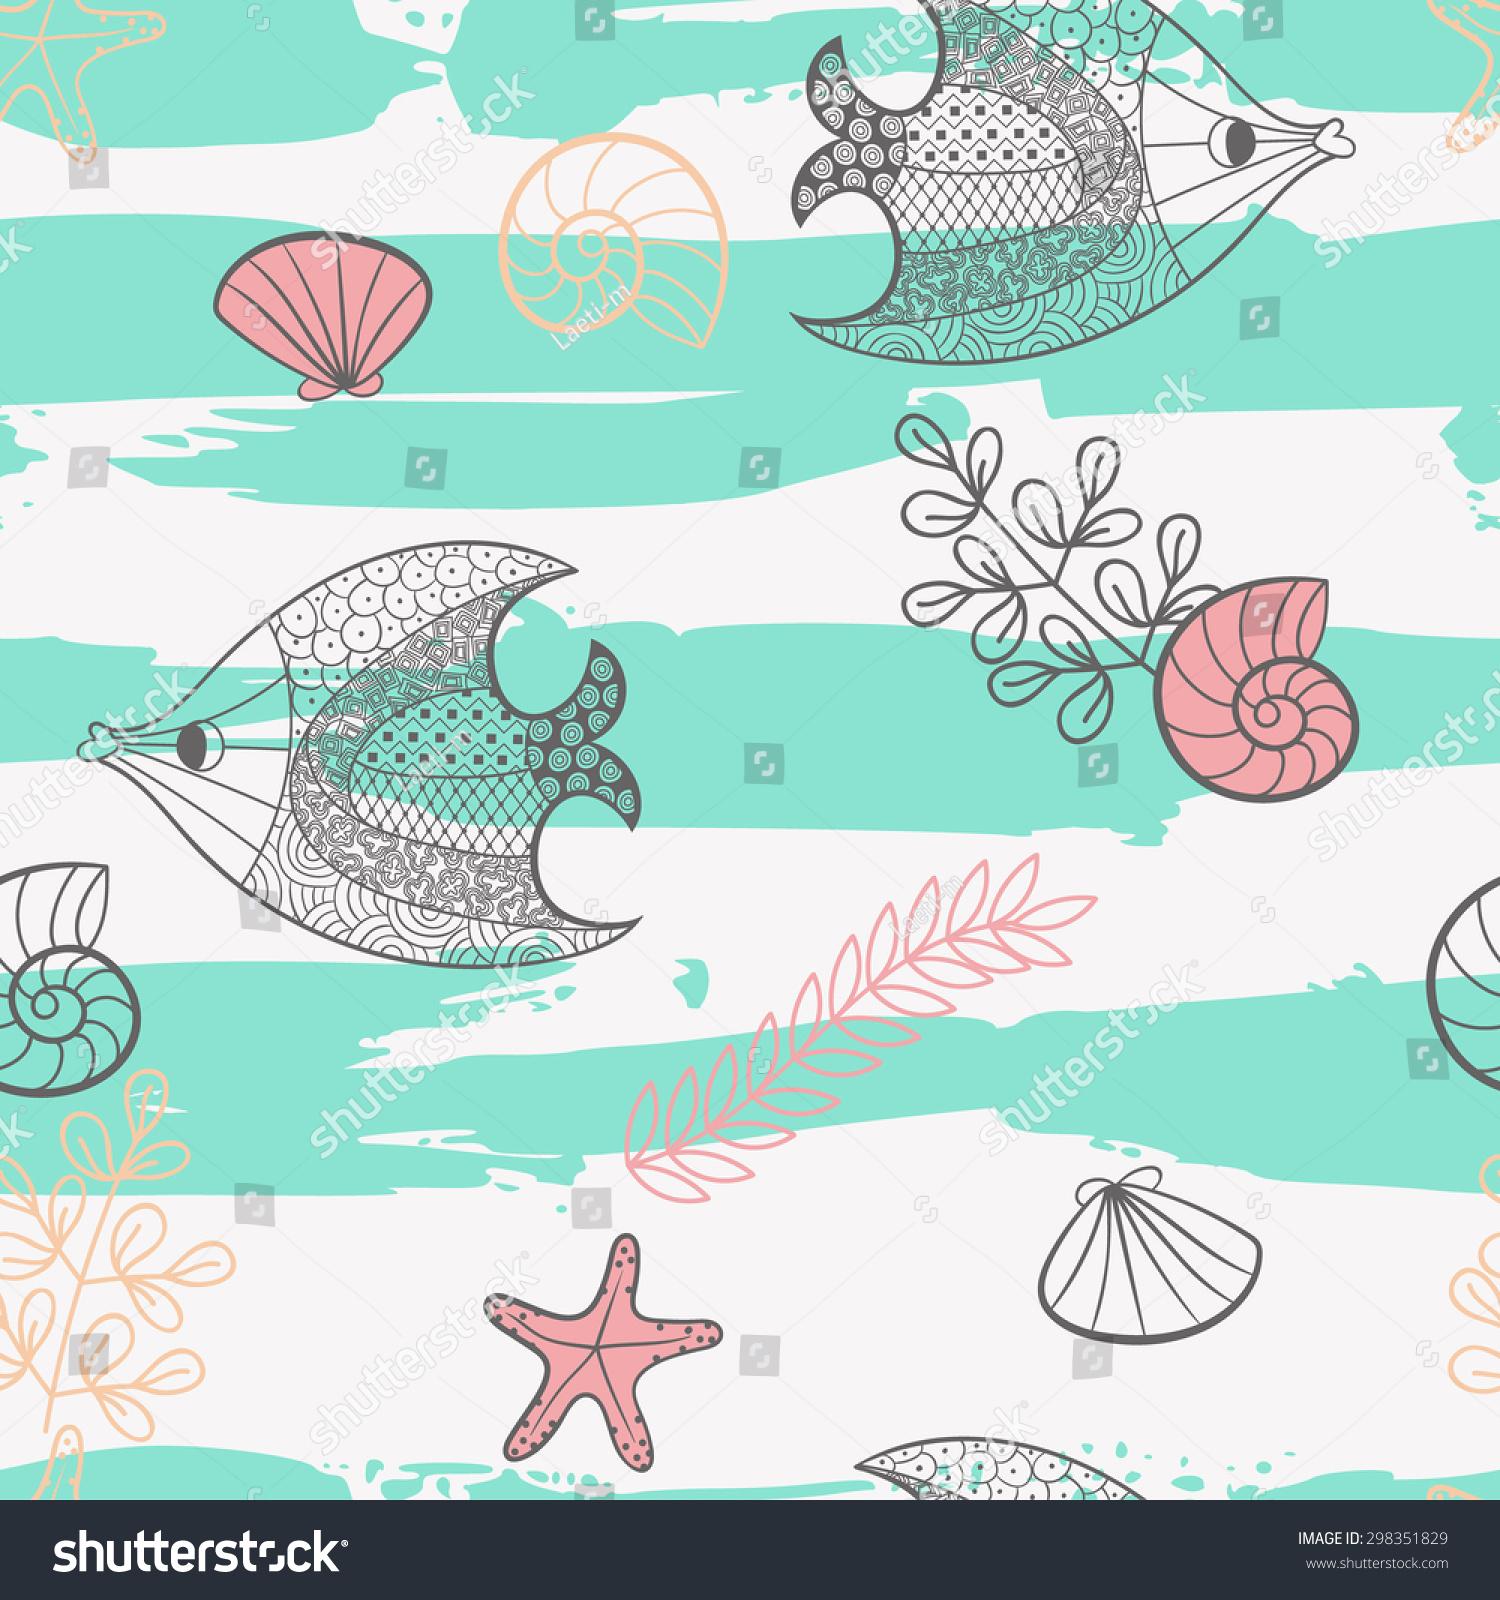 微信手绘头像鱼